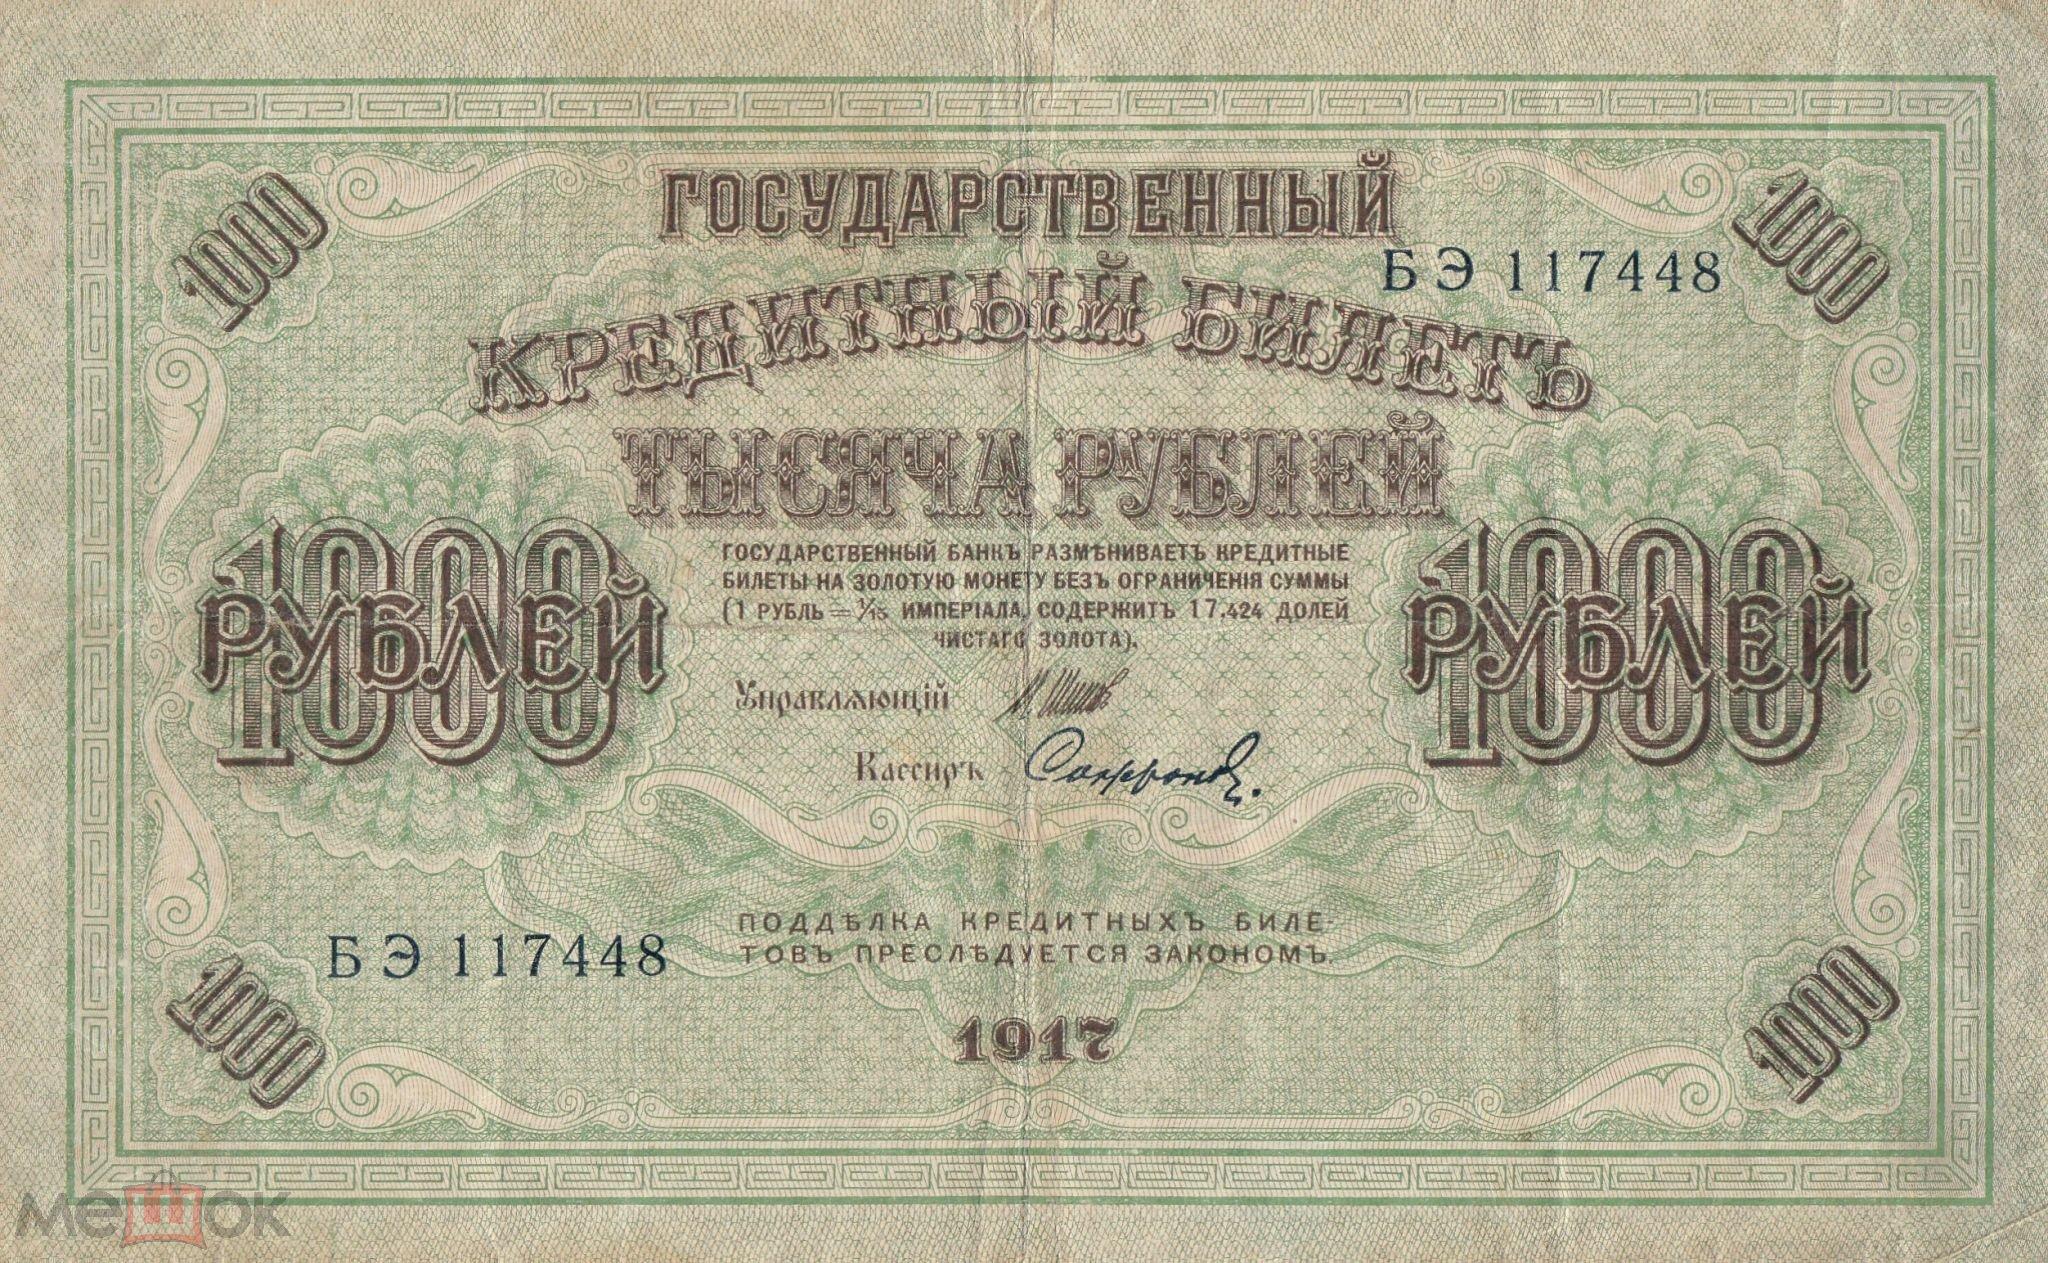 Бона 1000 рублей 1917 год. Государственный кредитный билет. (нсп)